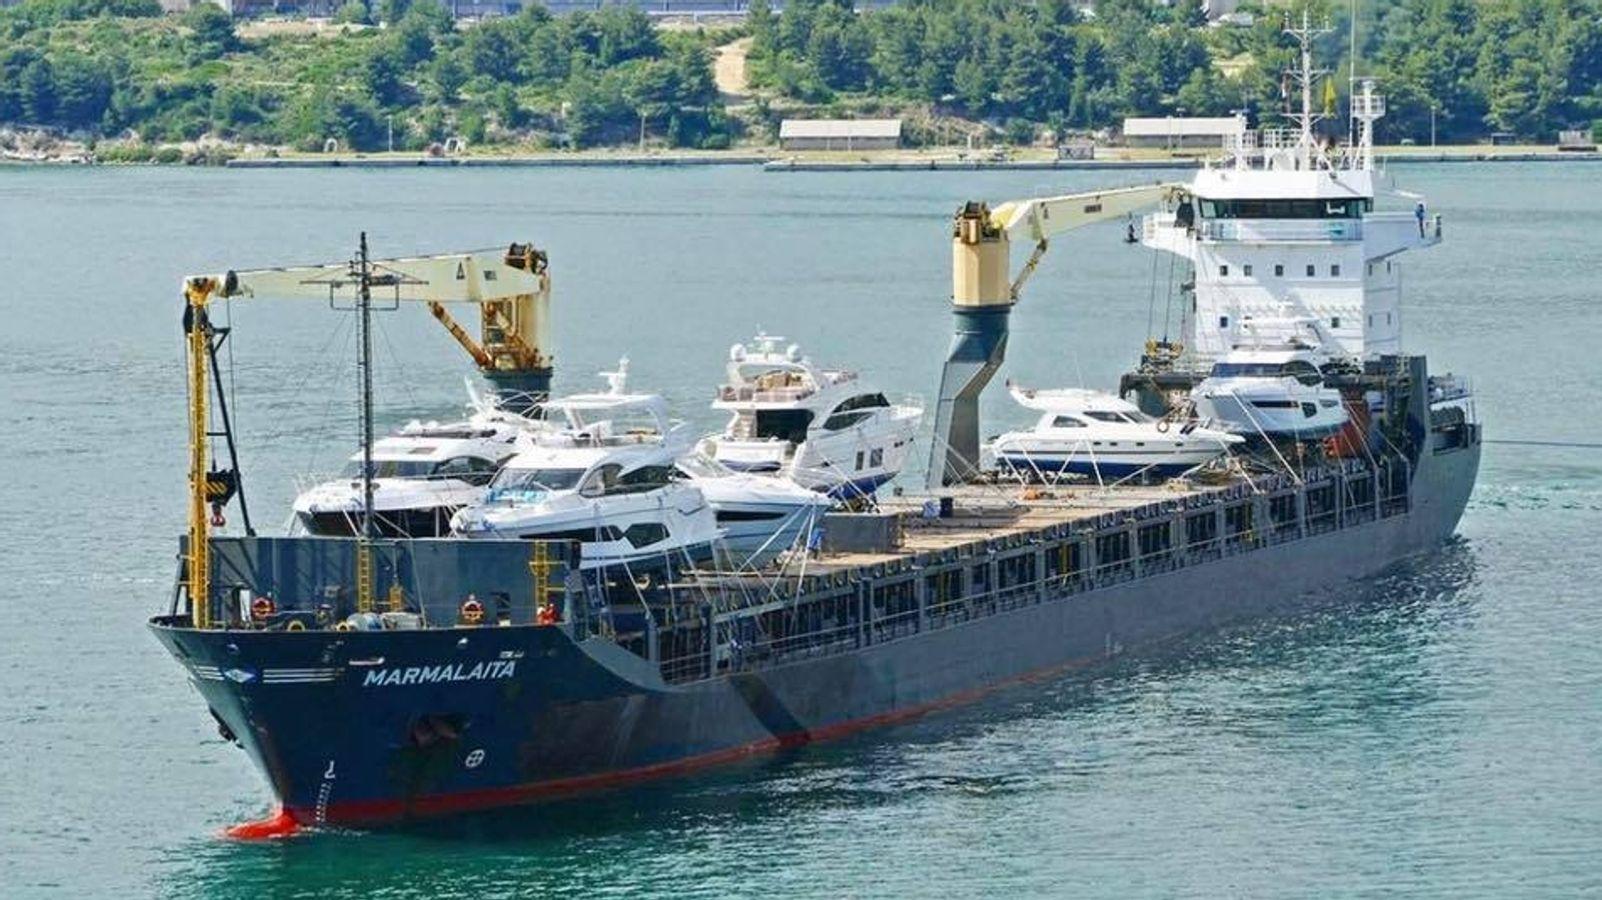 Turbo Piraten überfallen deutsches Schiff vor Kameruns Küste | BR24 LD62